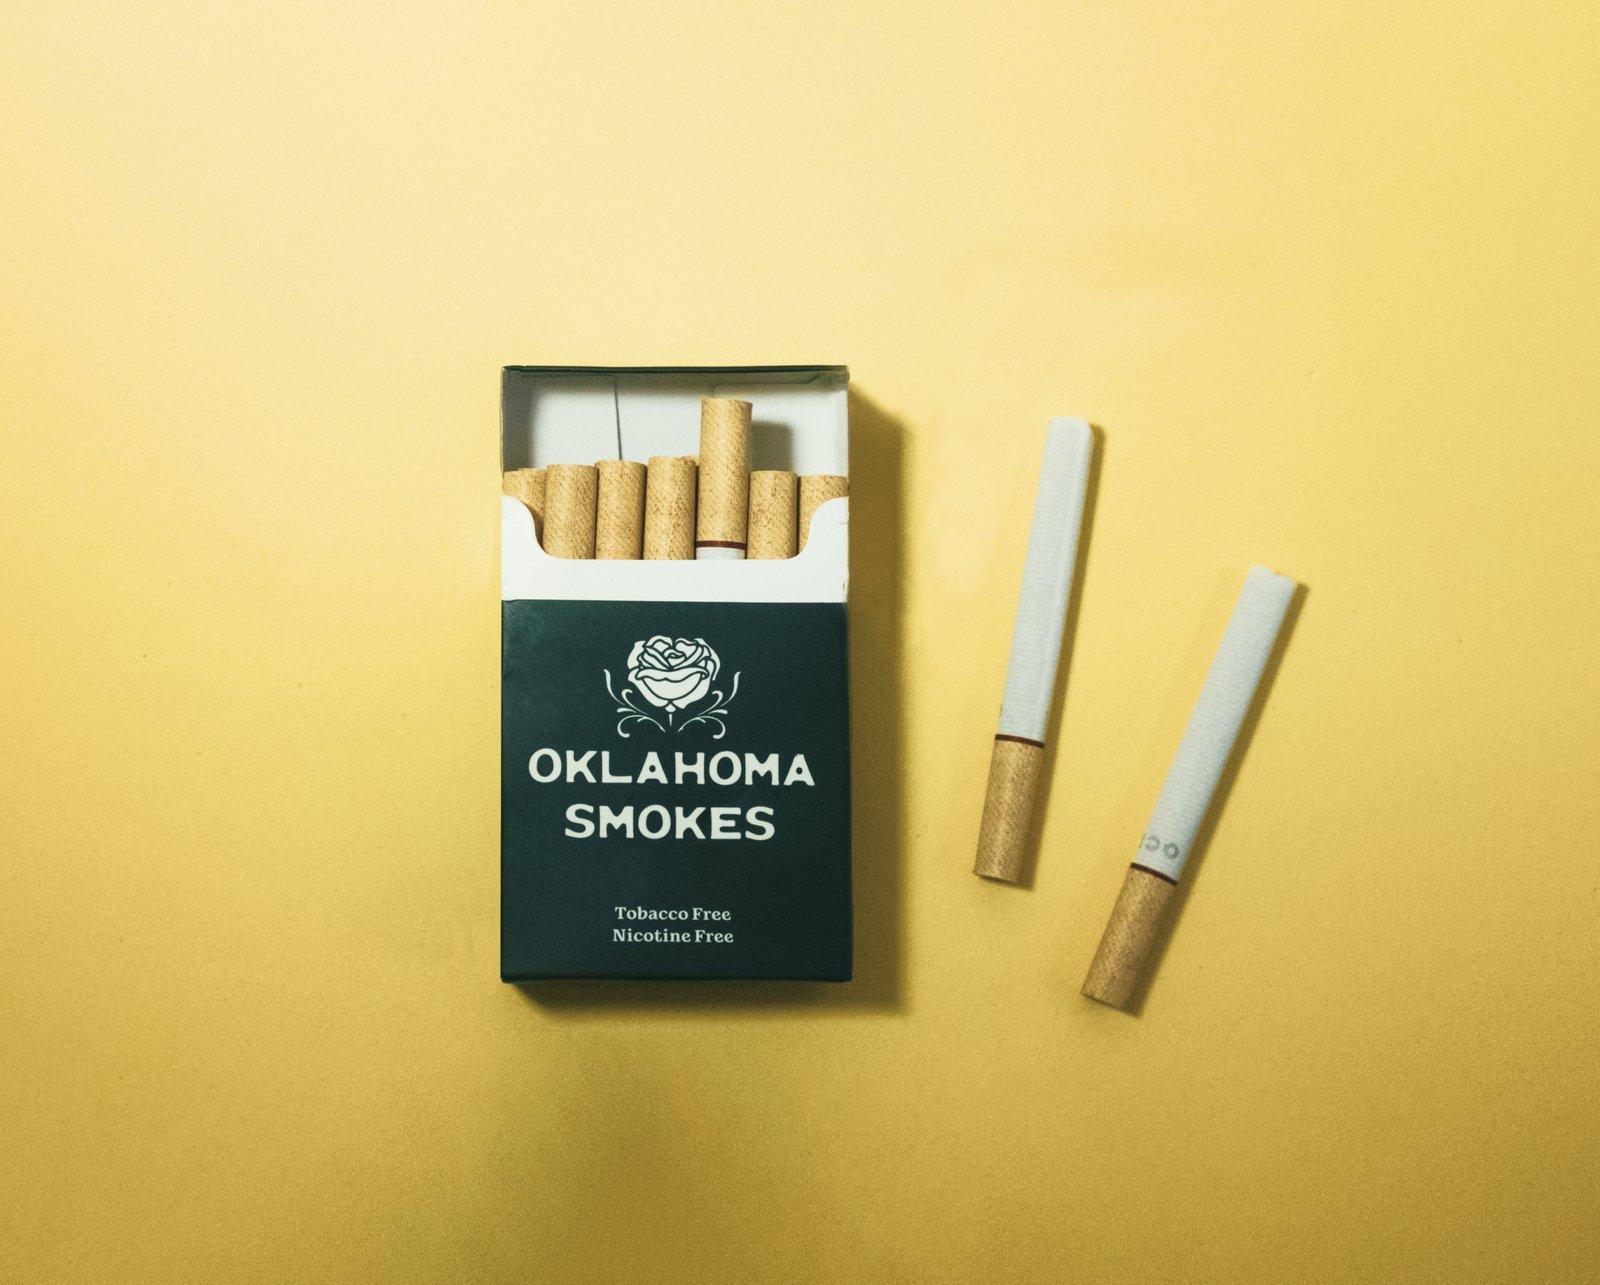 Oklahoma Smokes hemp flower